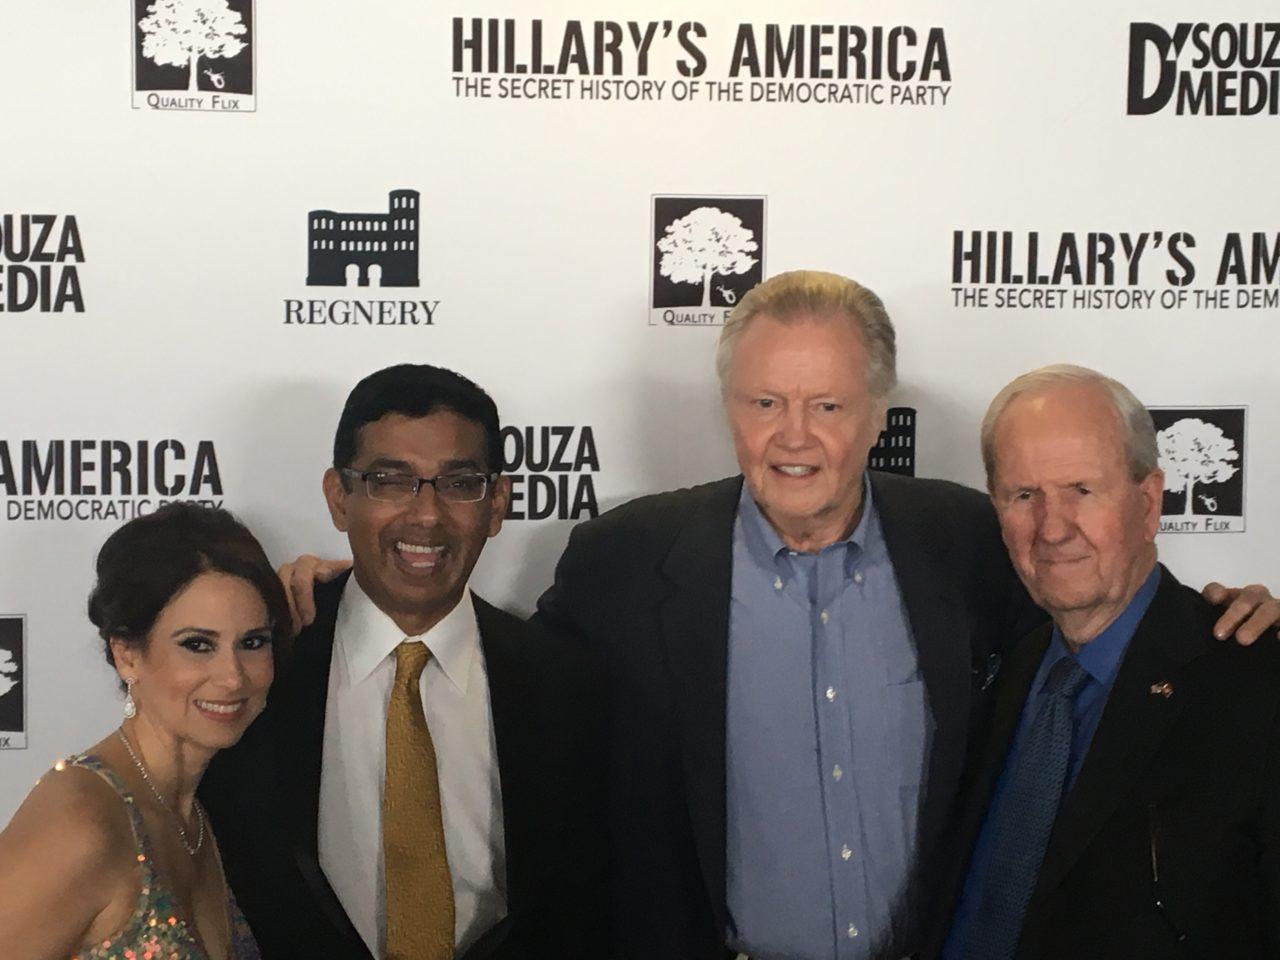 L-R: Debbie D'Souza, Dinesh D'Souza, Jon Voight, producer Gerald R. Molen